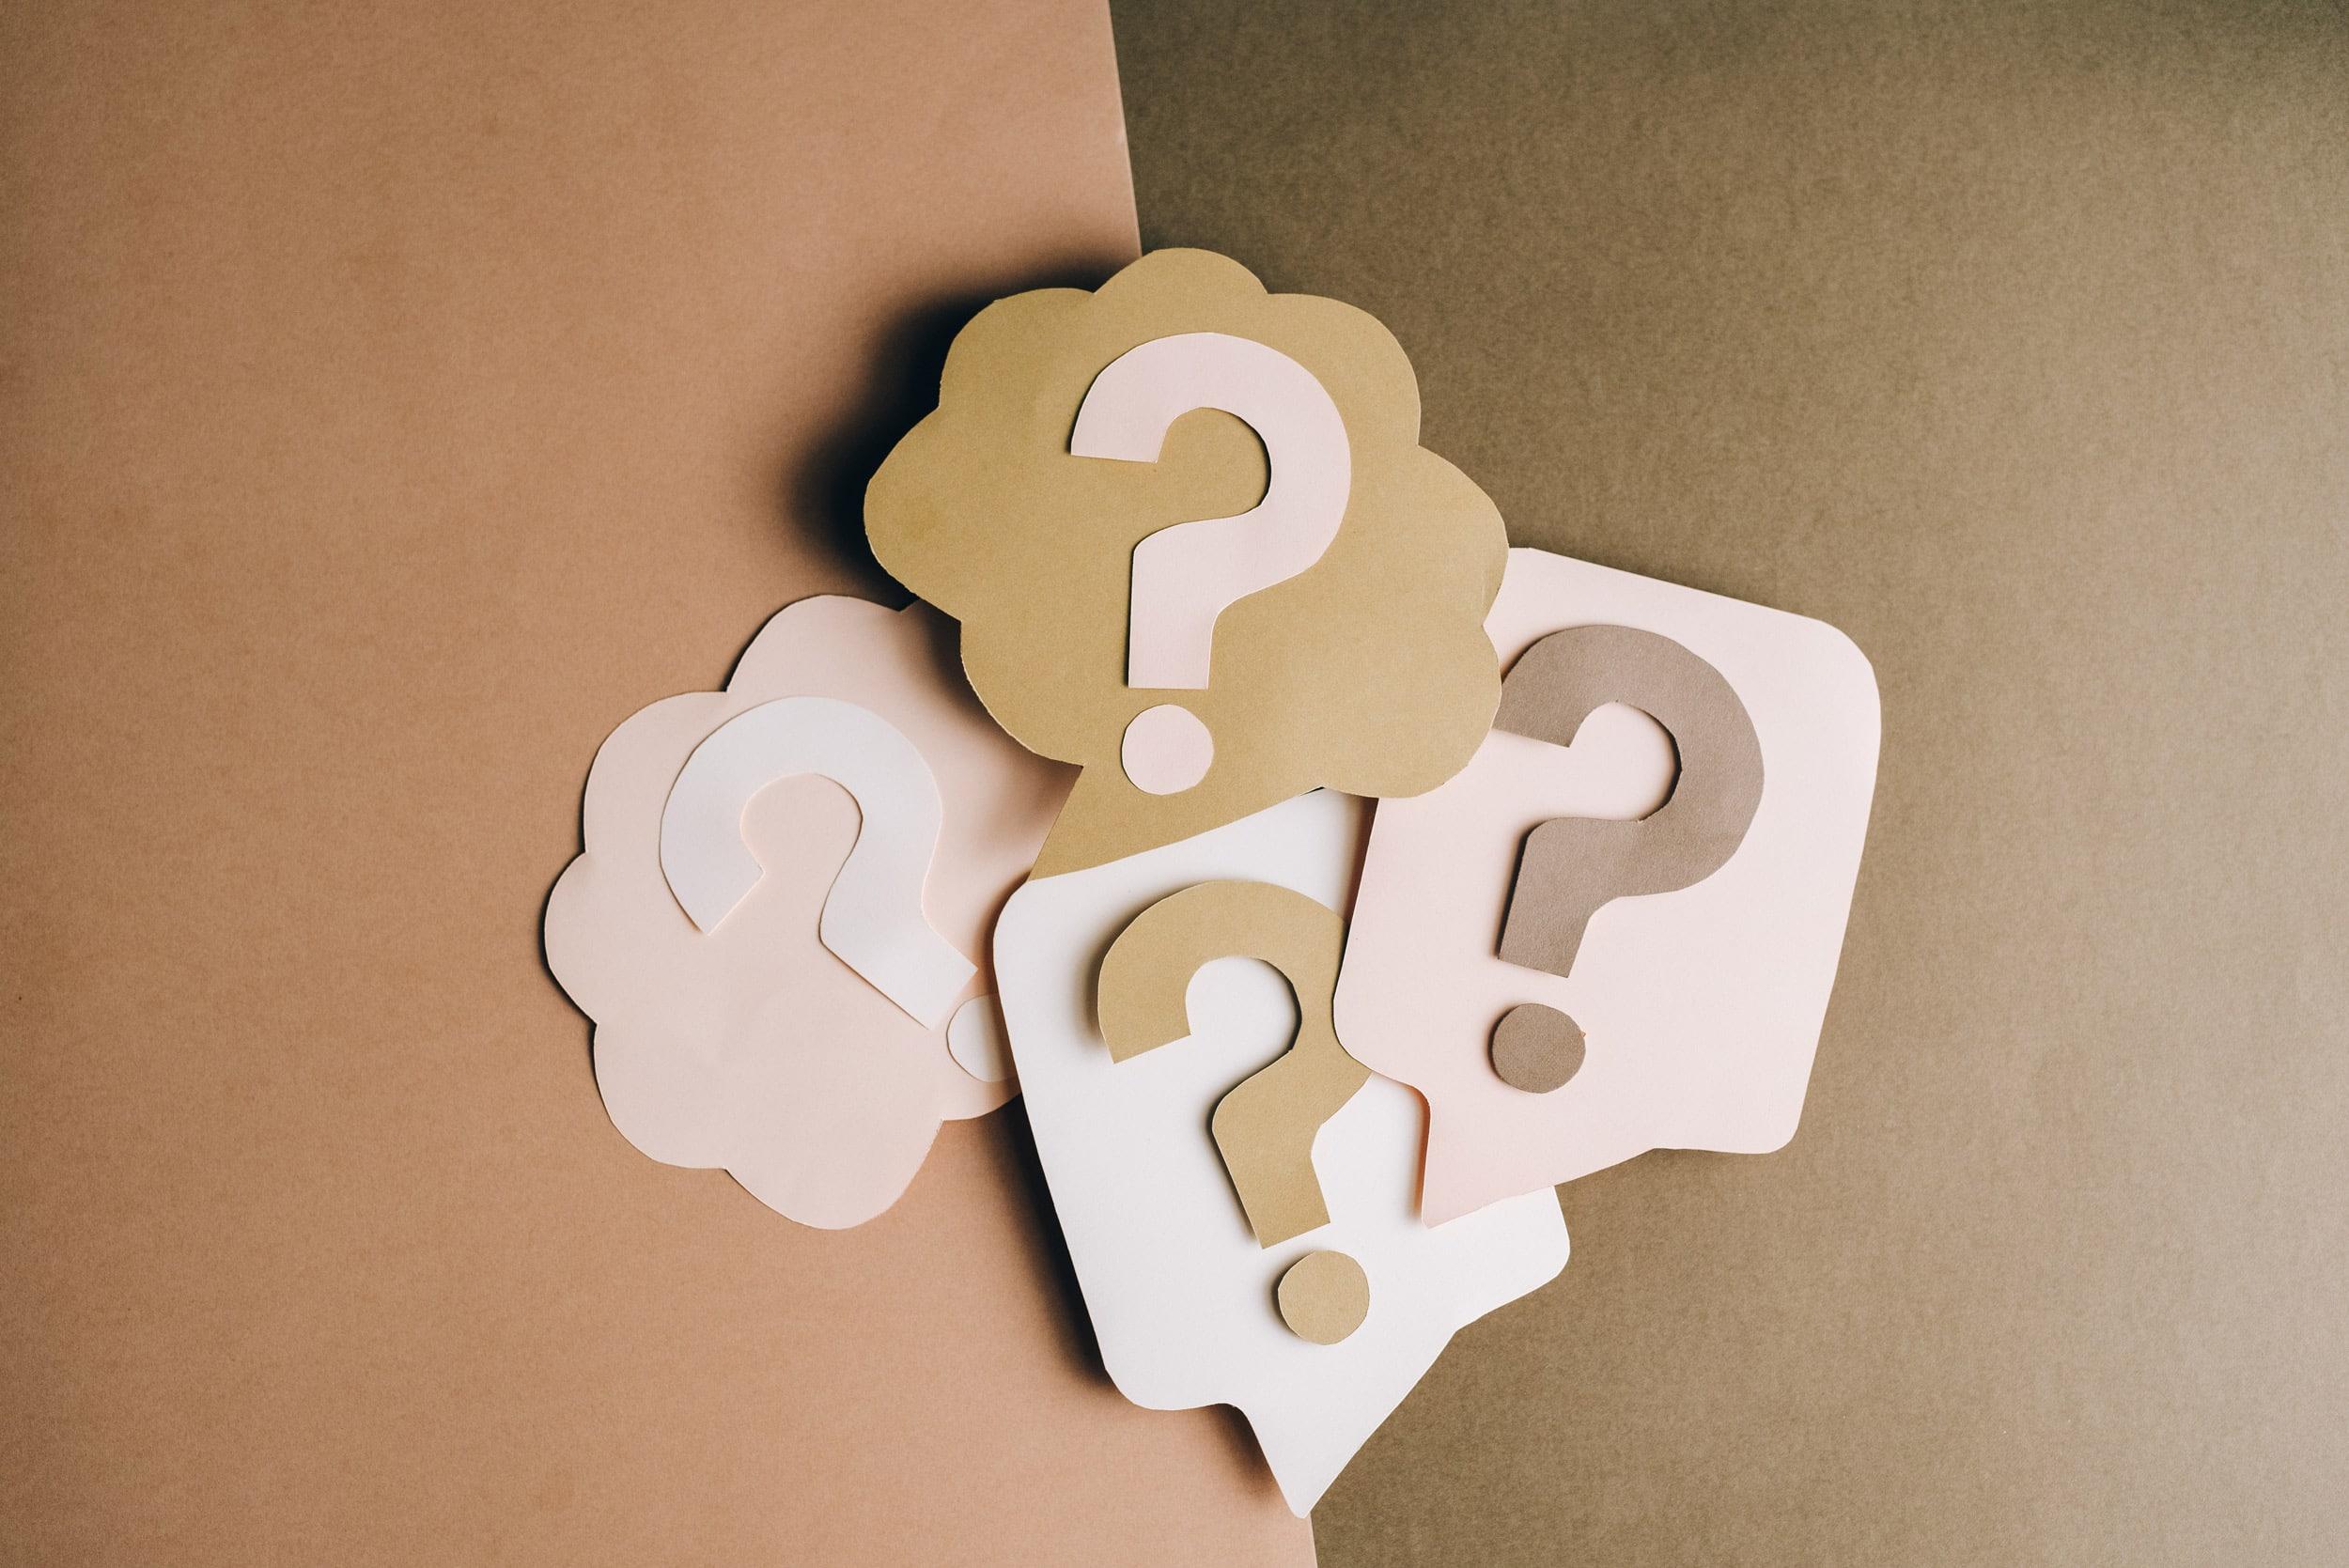 garden design questions